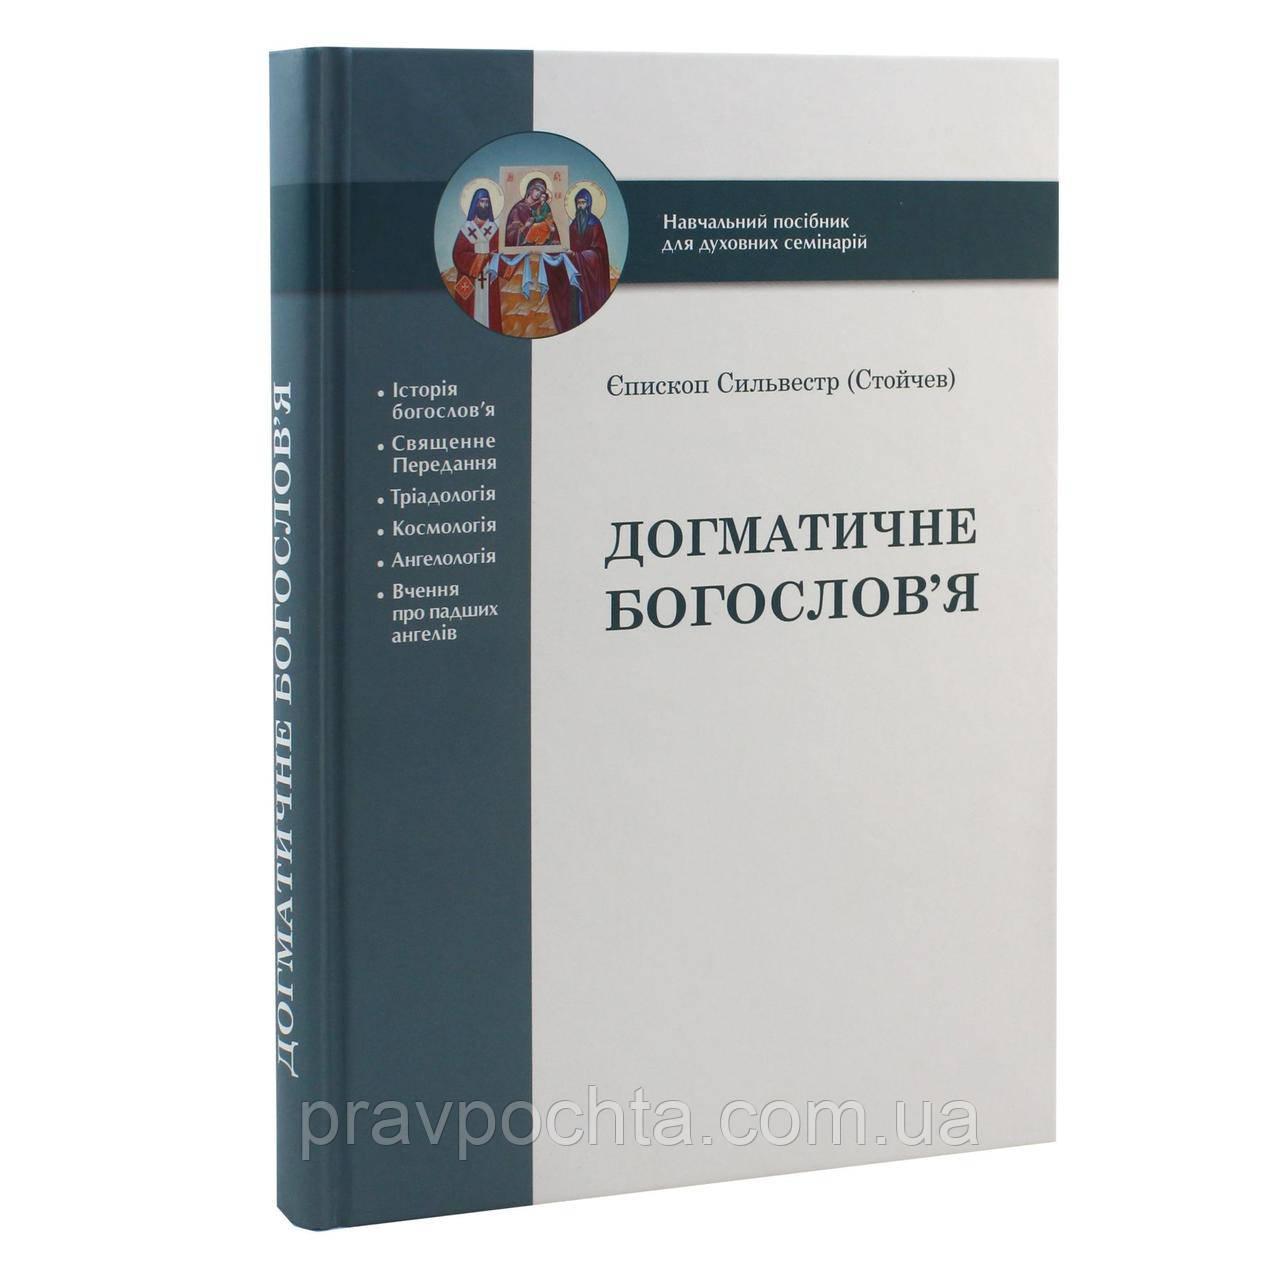 Догматичне богослов'я: навчальний посібник для духовних семінарій. Епископ Сильвестр (Стойчев)